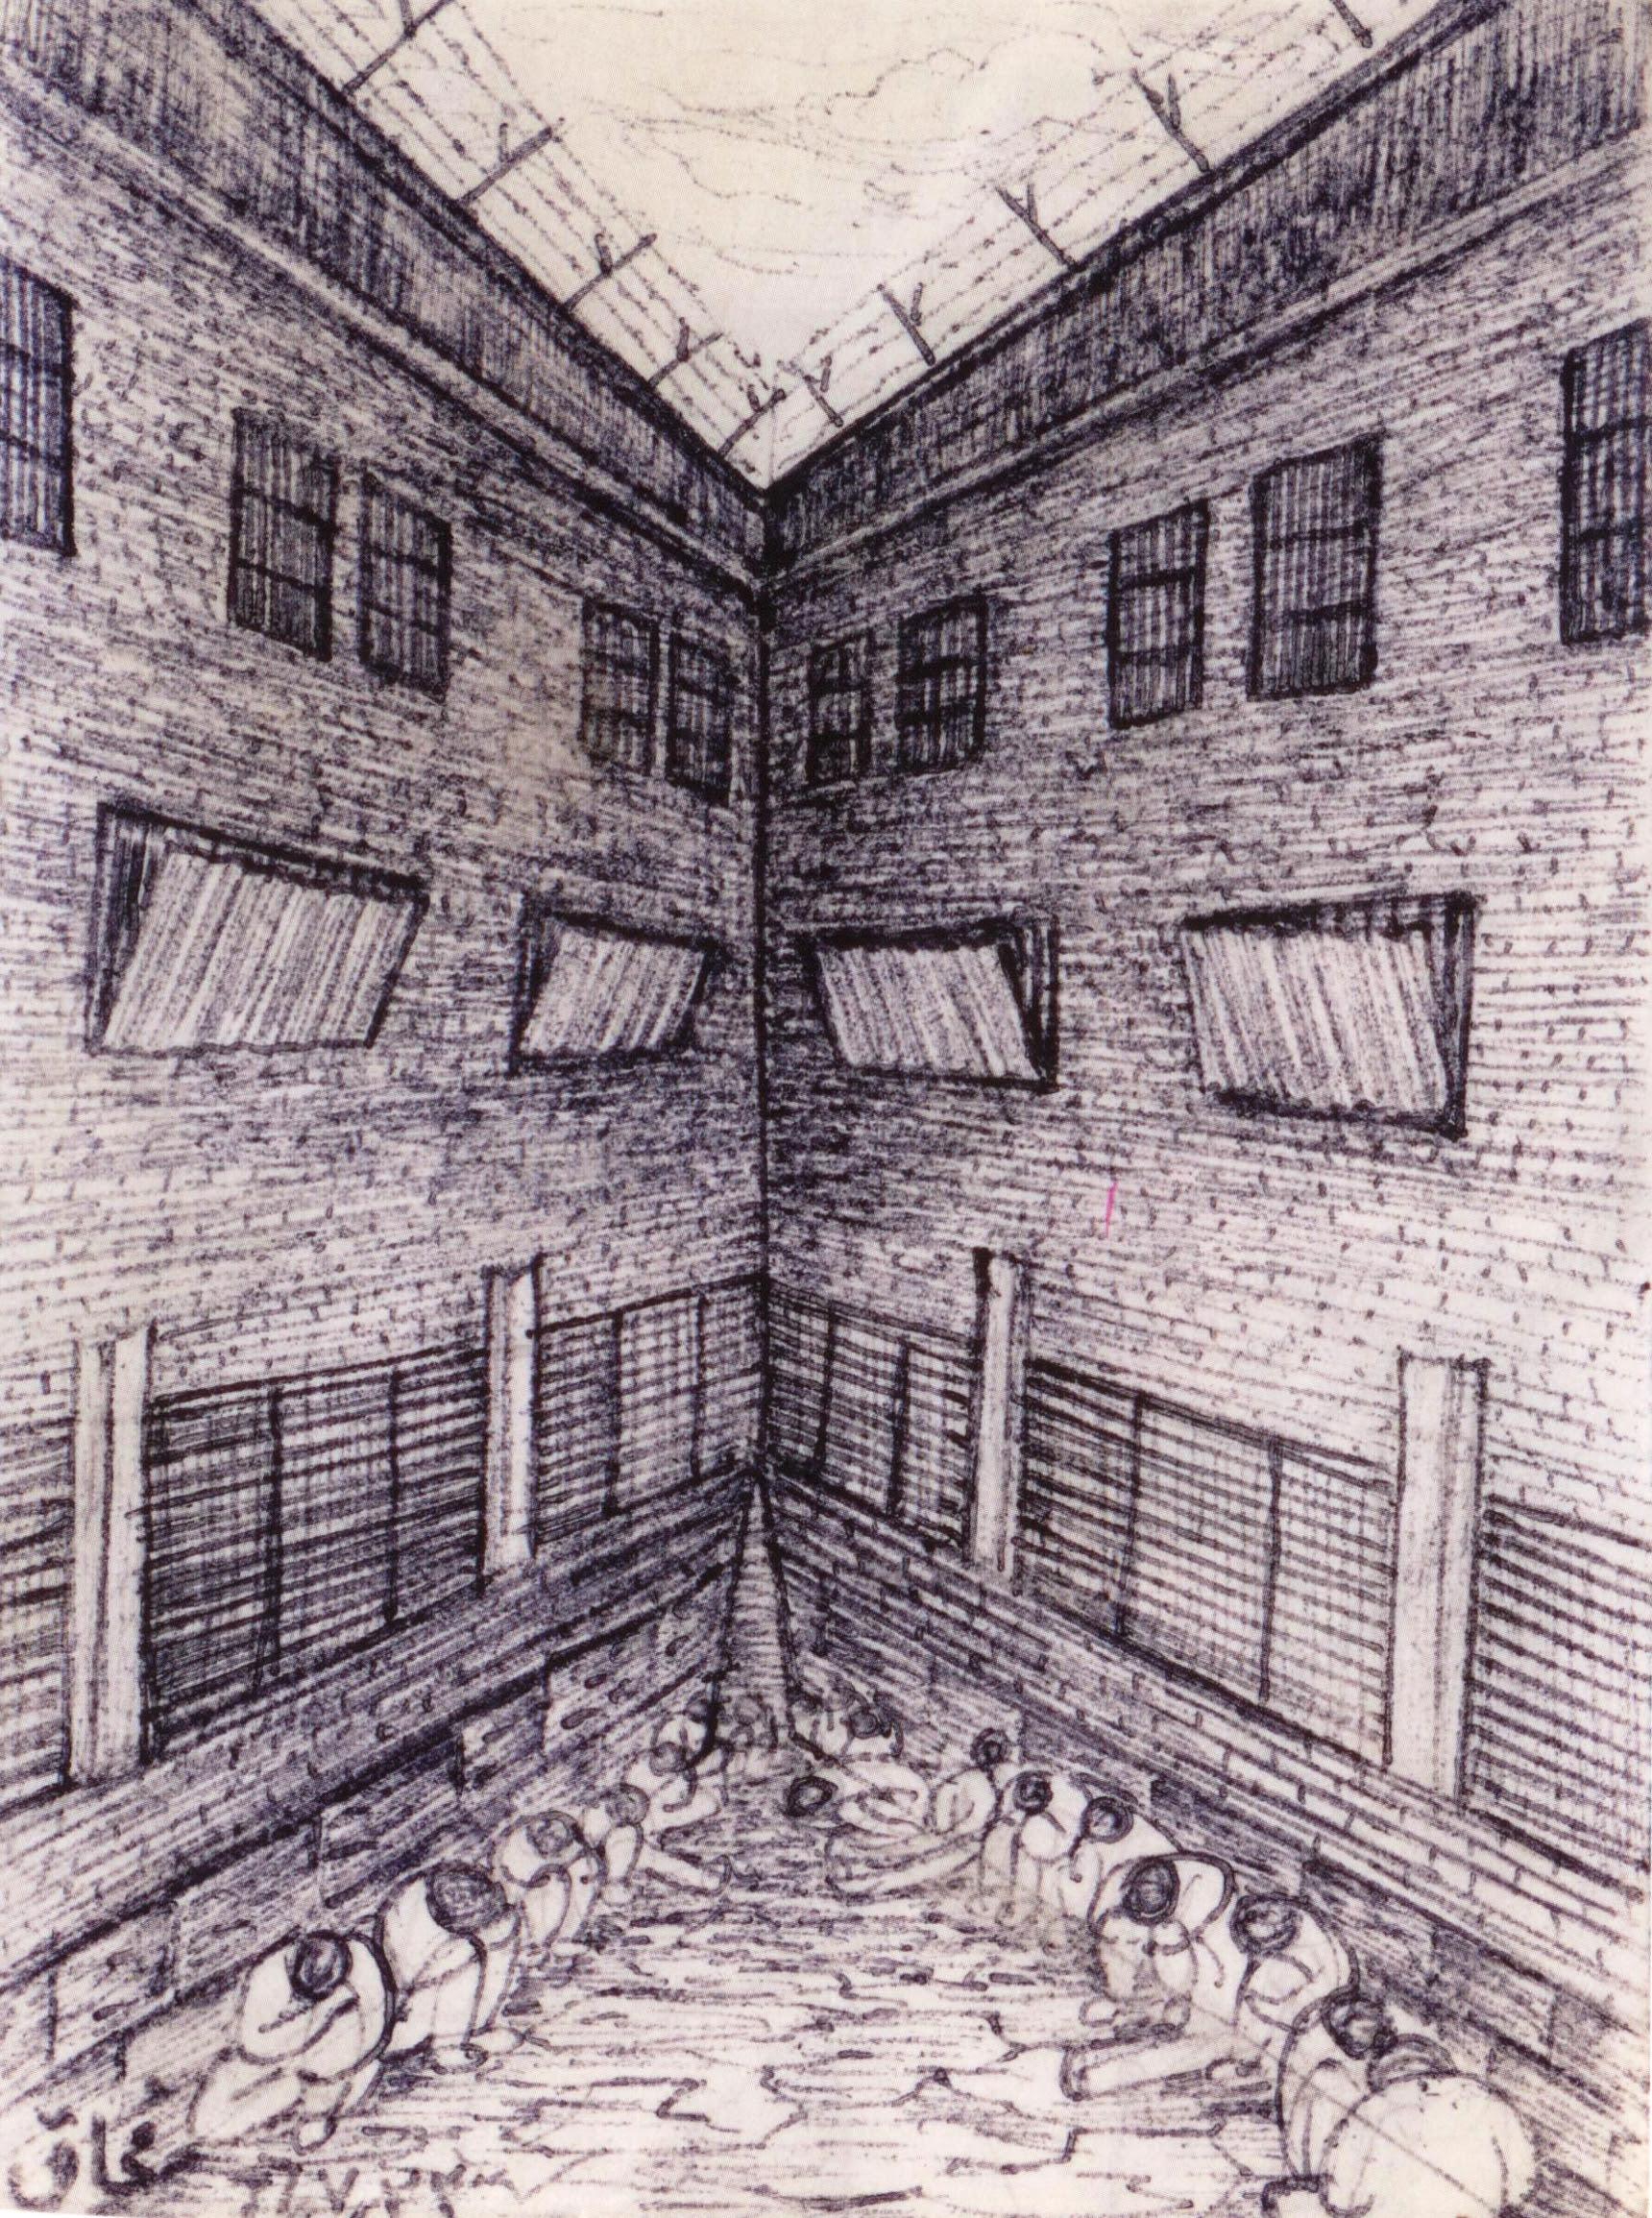 طراحی سودابه اردوان، یکی از زندانیان زندان اوین. ترکیبی از بخشهای مختلف زندان، شامل کریدورهای بازجویی، »آموزشگاه،« و بندهای ٢١٦ و ٣٢٥، برگرفته از کتاب او با نام خاطرات زندان